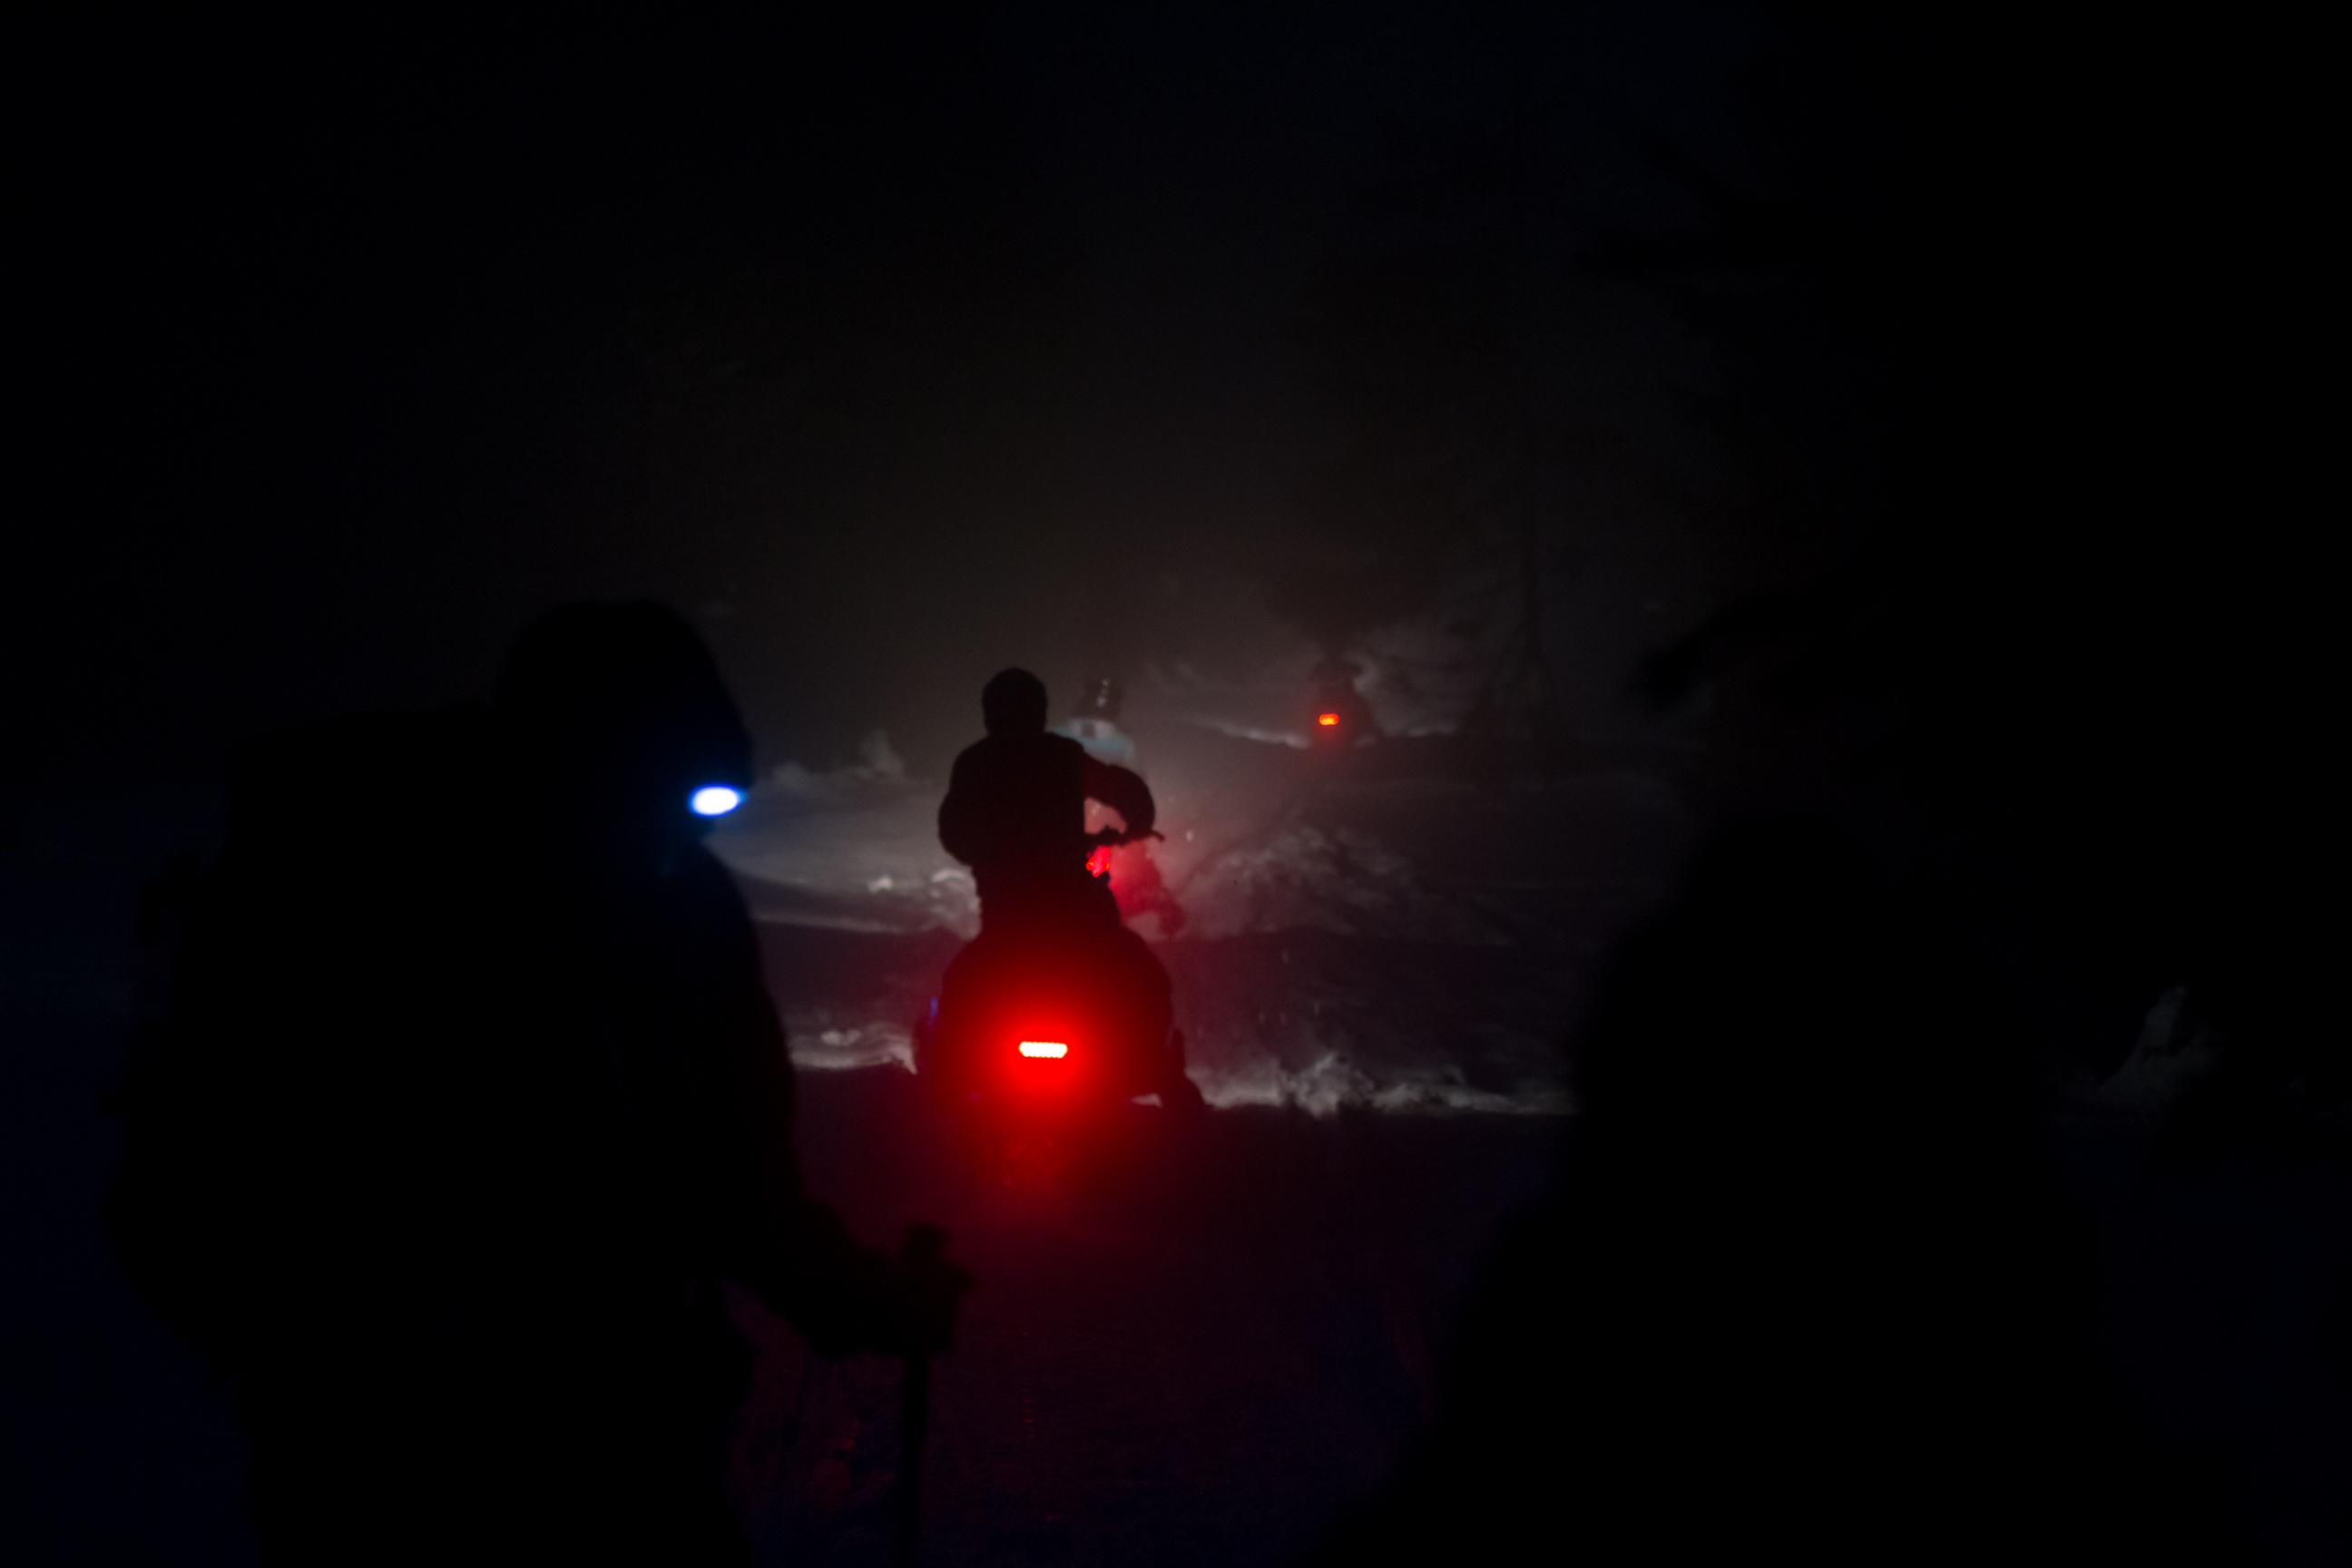 Oddalające się nocą skutery śnieżne